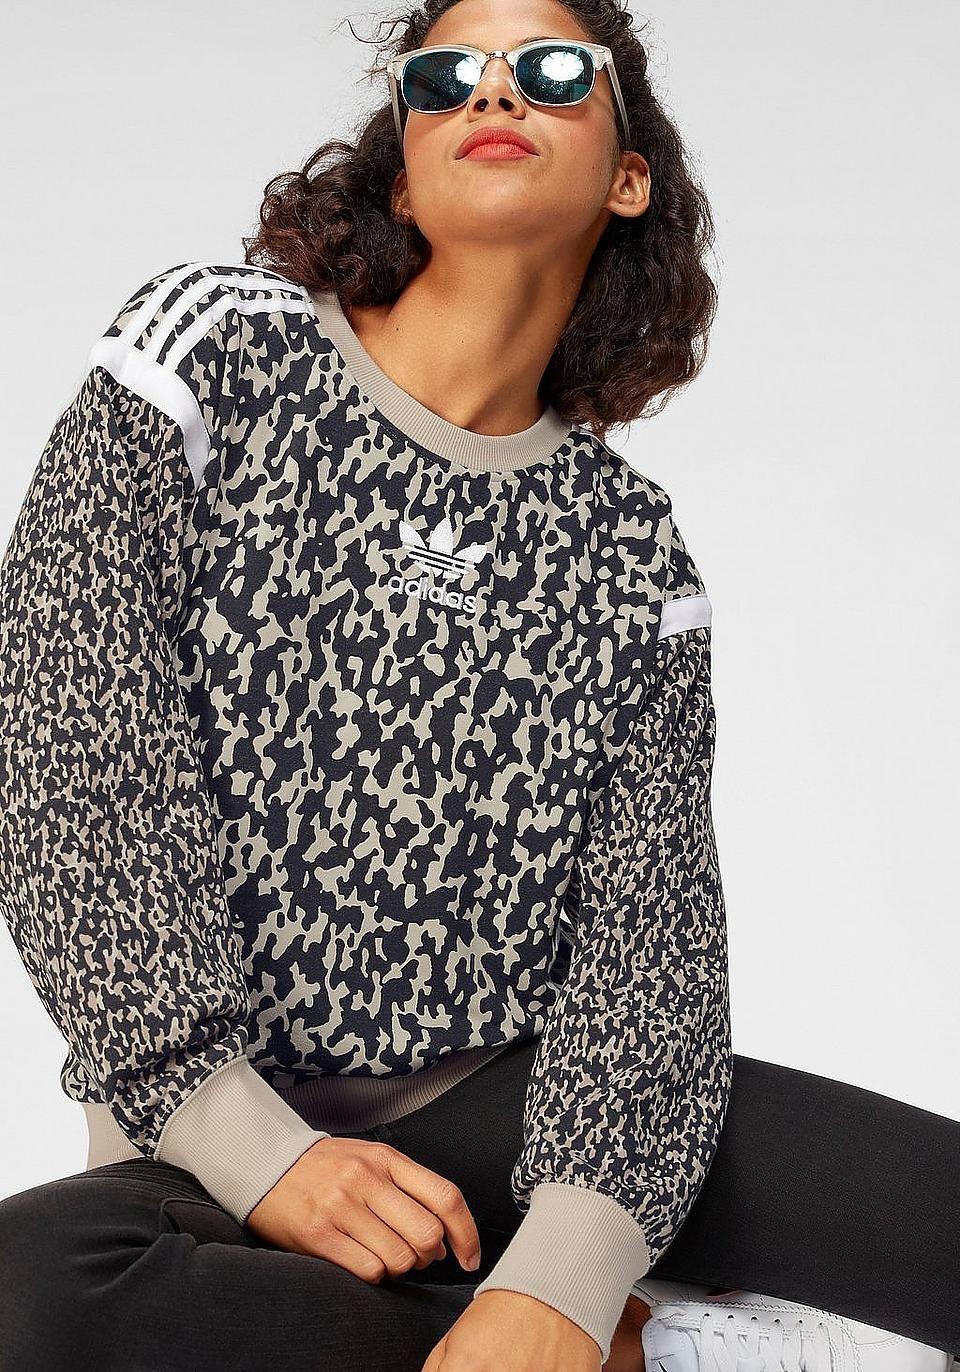 Adidas 'Adidas Originals' Oberteil Mit Leopardenmuster